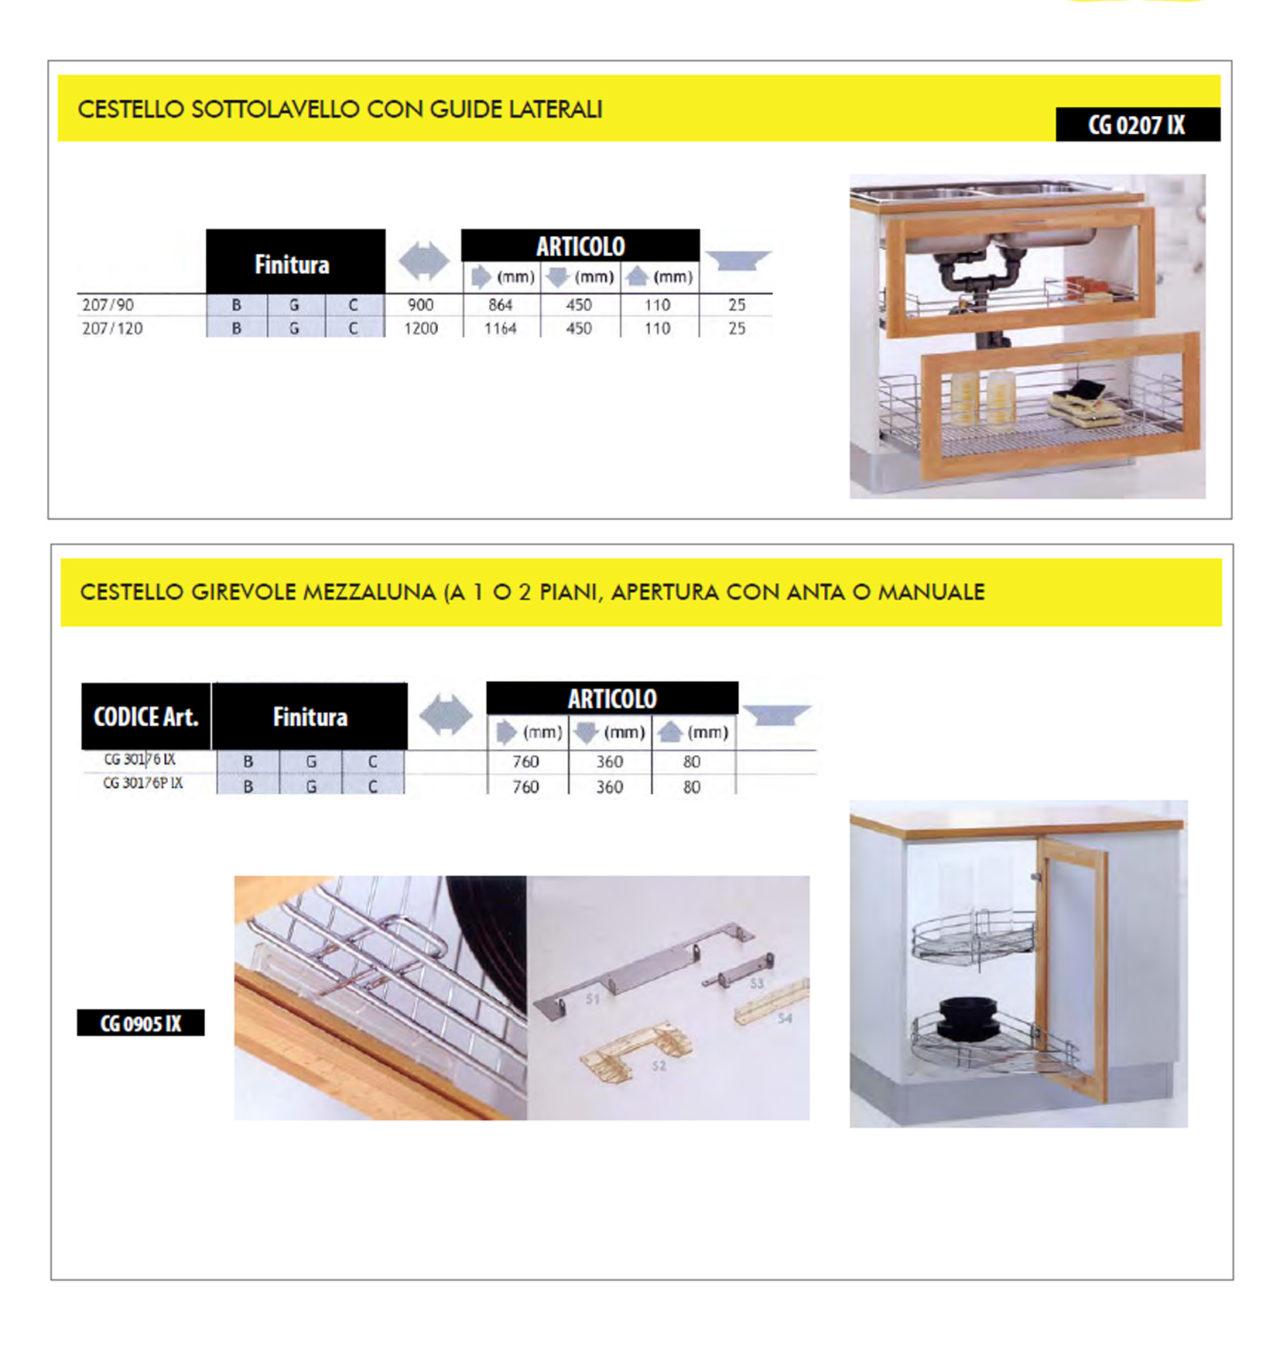 Pagine-da-CG-ferramenta_accessori-per-cucina_IIE-1280x1369.jpg